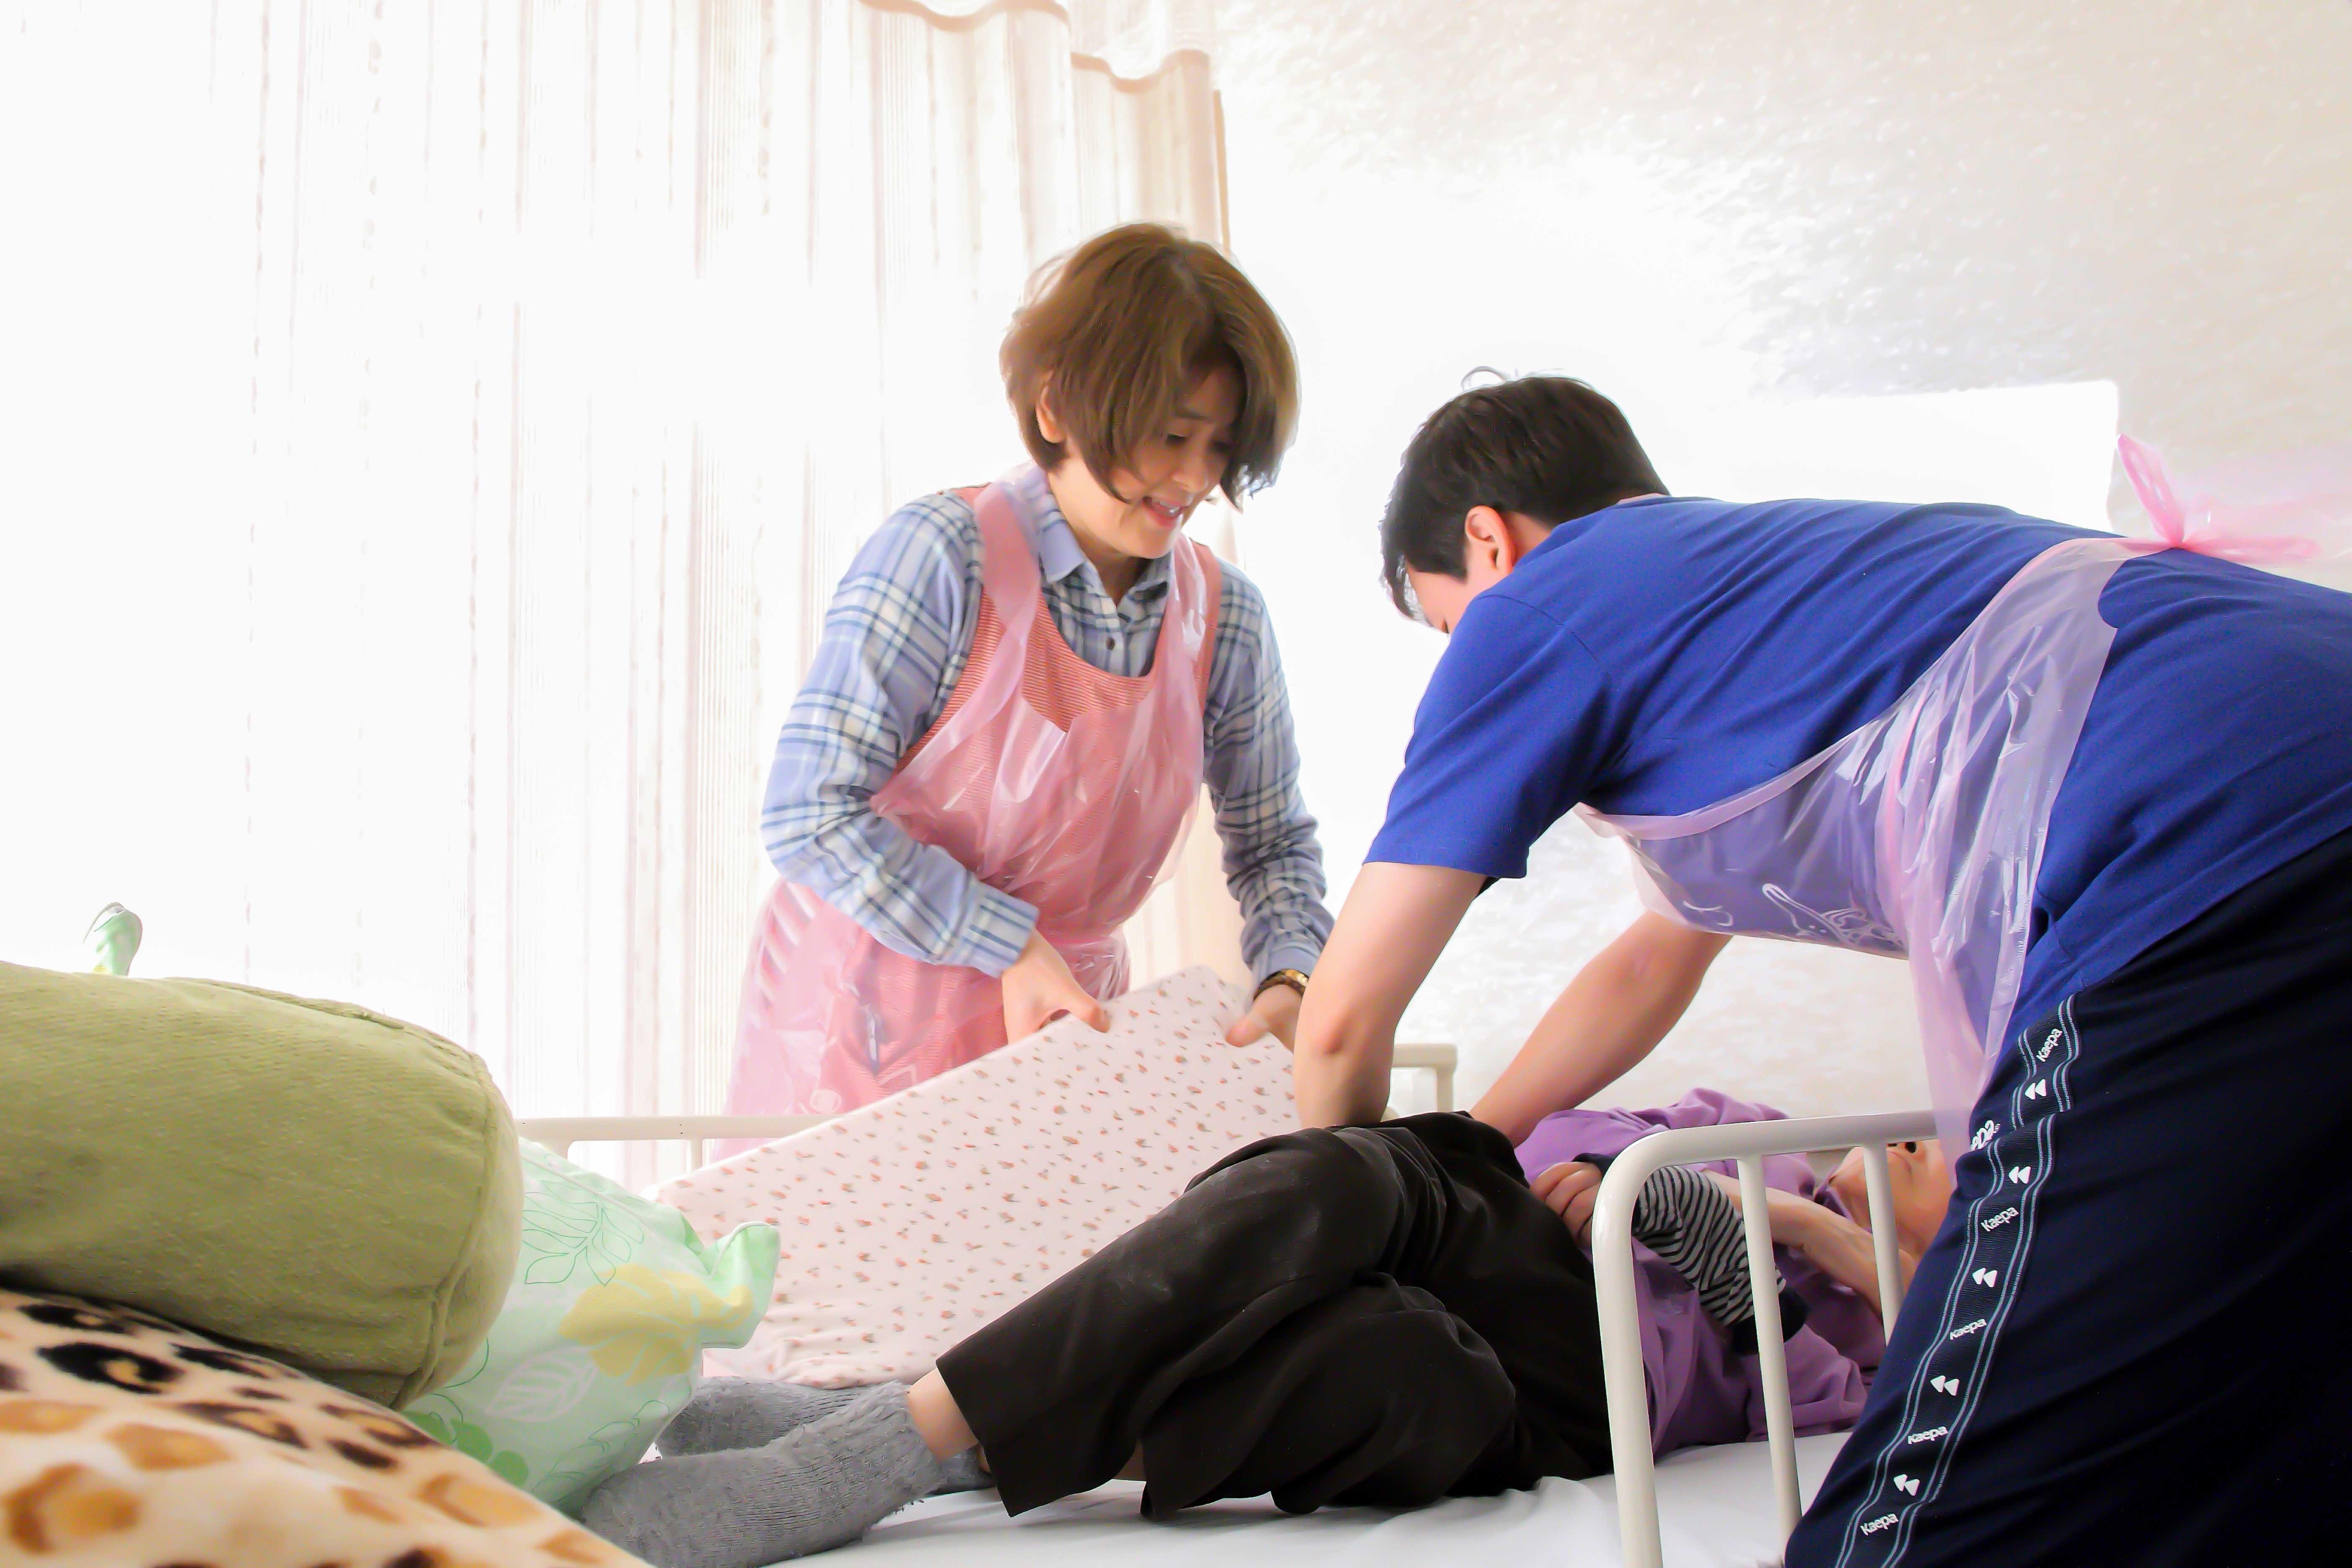 看護師と介護スタッフが一緒におむつ交換を行っている様子